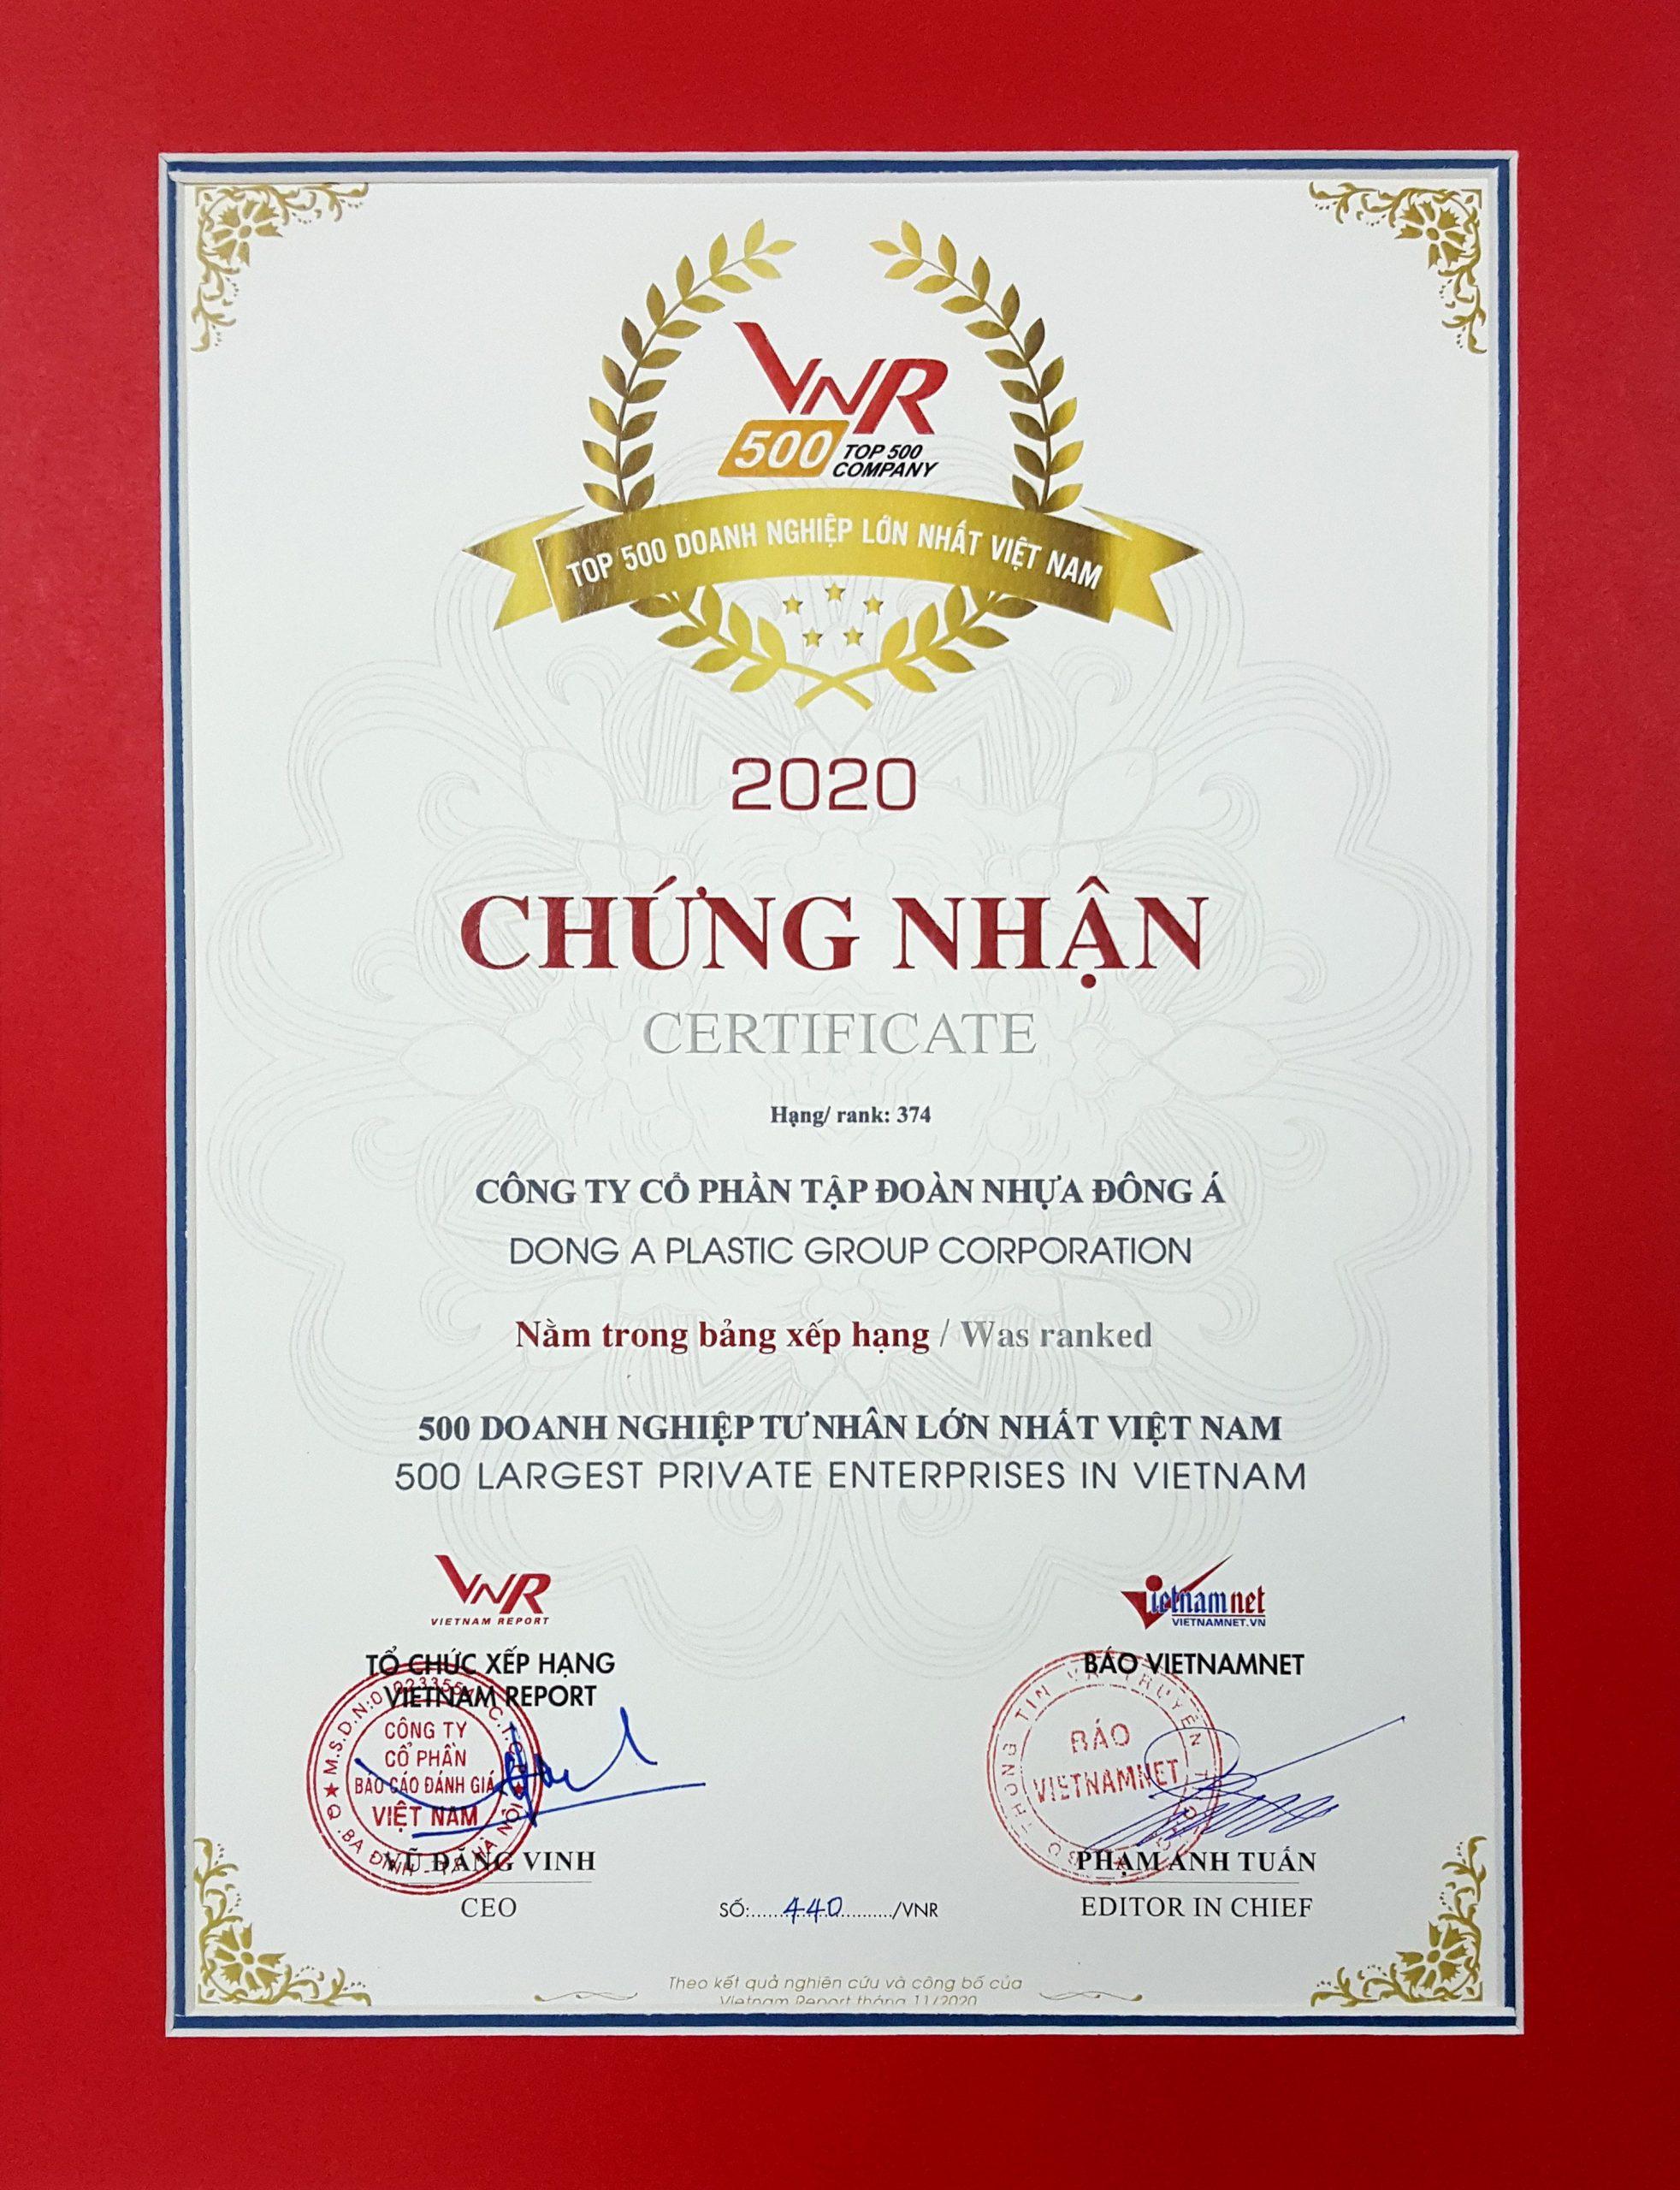 Nhựa Đông Á đạt top 500 doanh nghiệp tư nhân lớn nhất Việt Nam